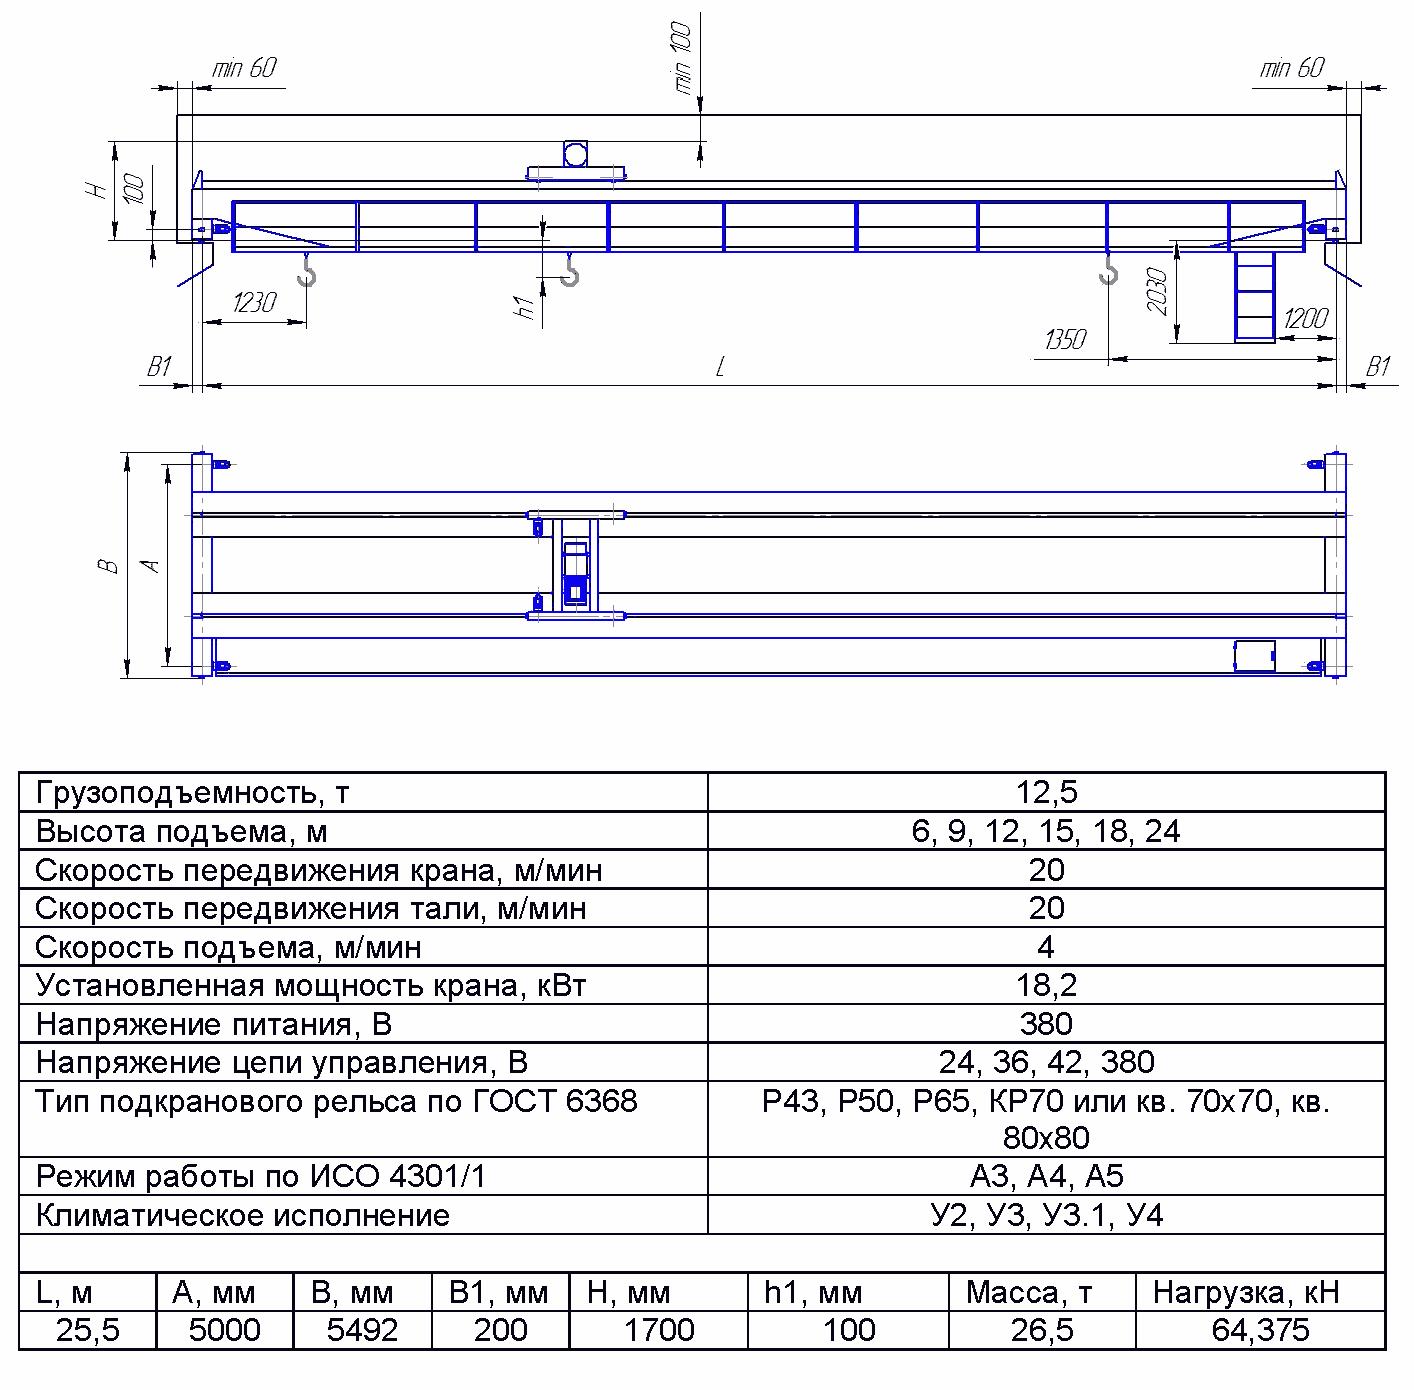 KMON 3 6 - Опорный мостовой кран общего назначения